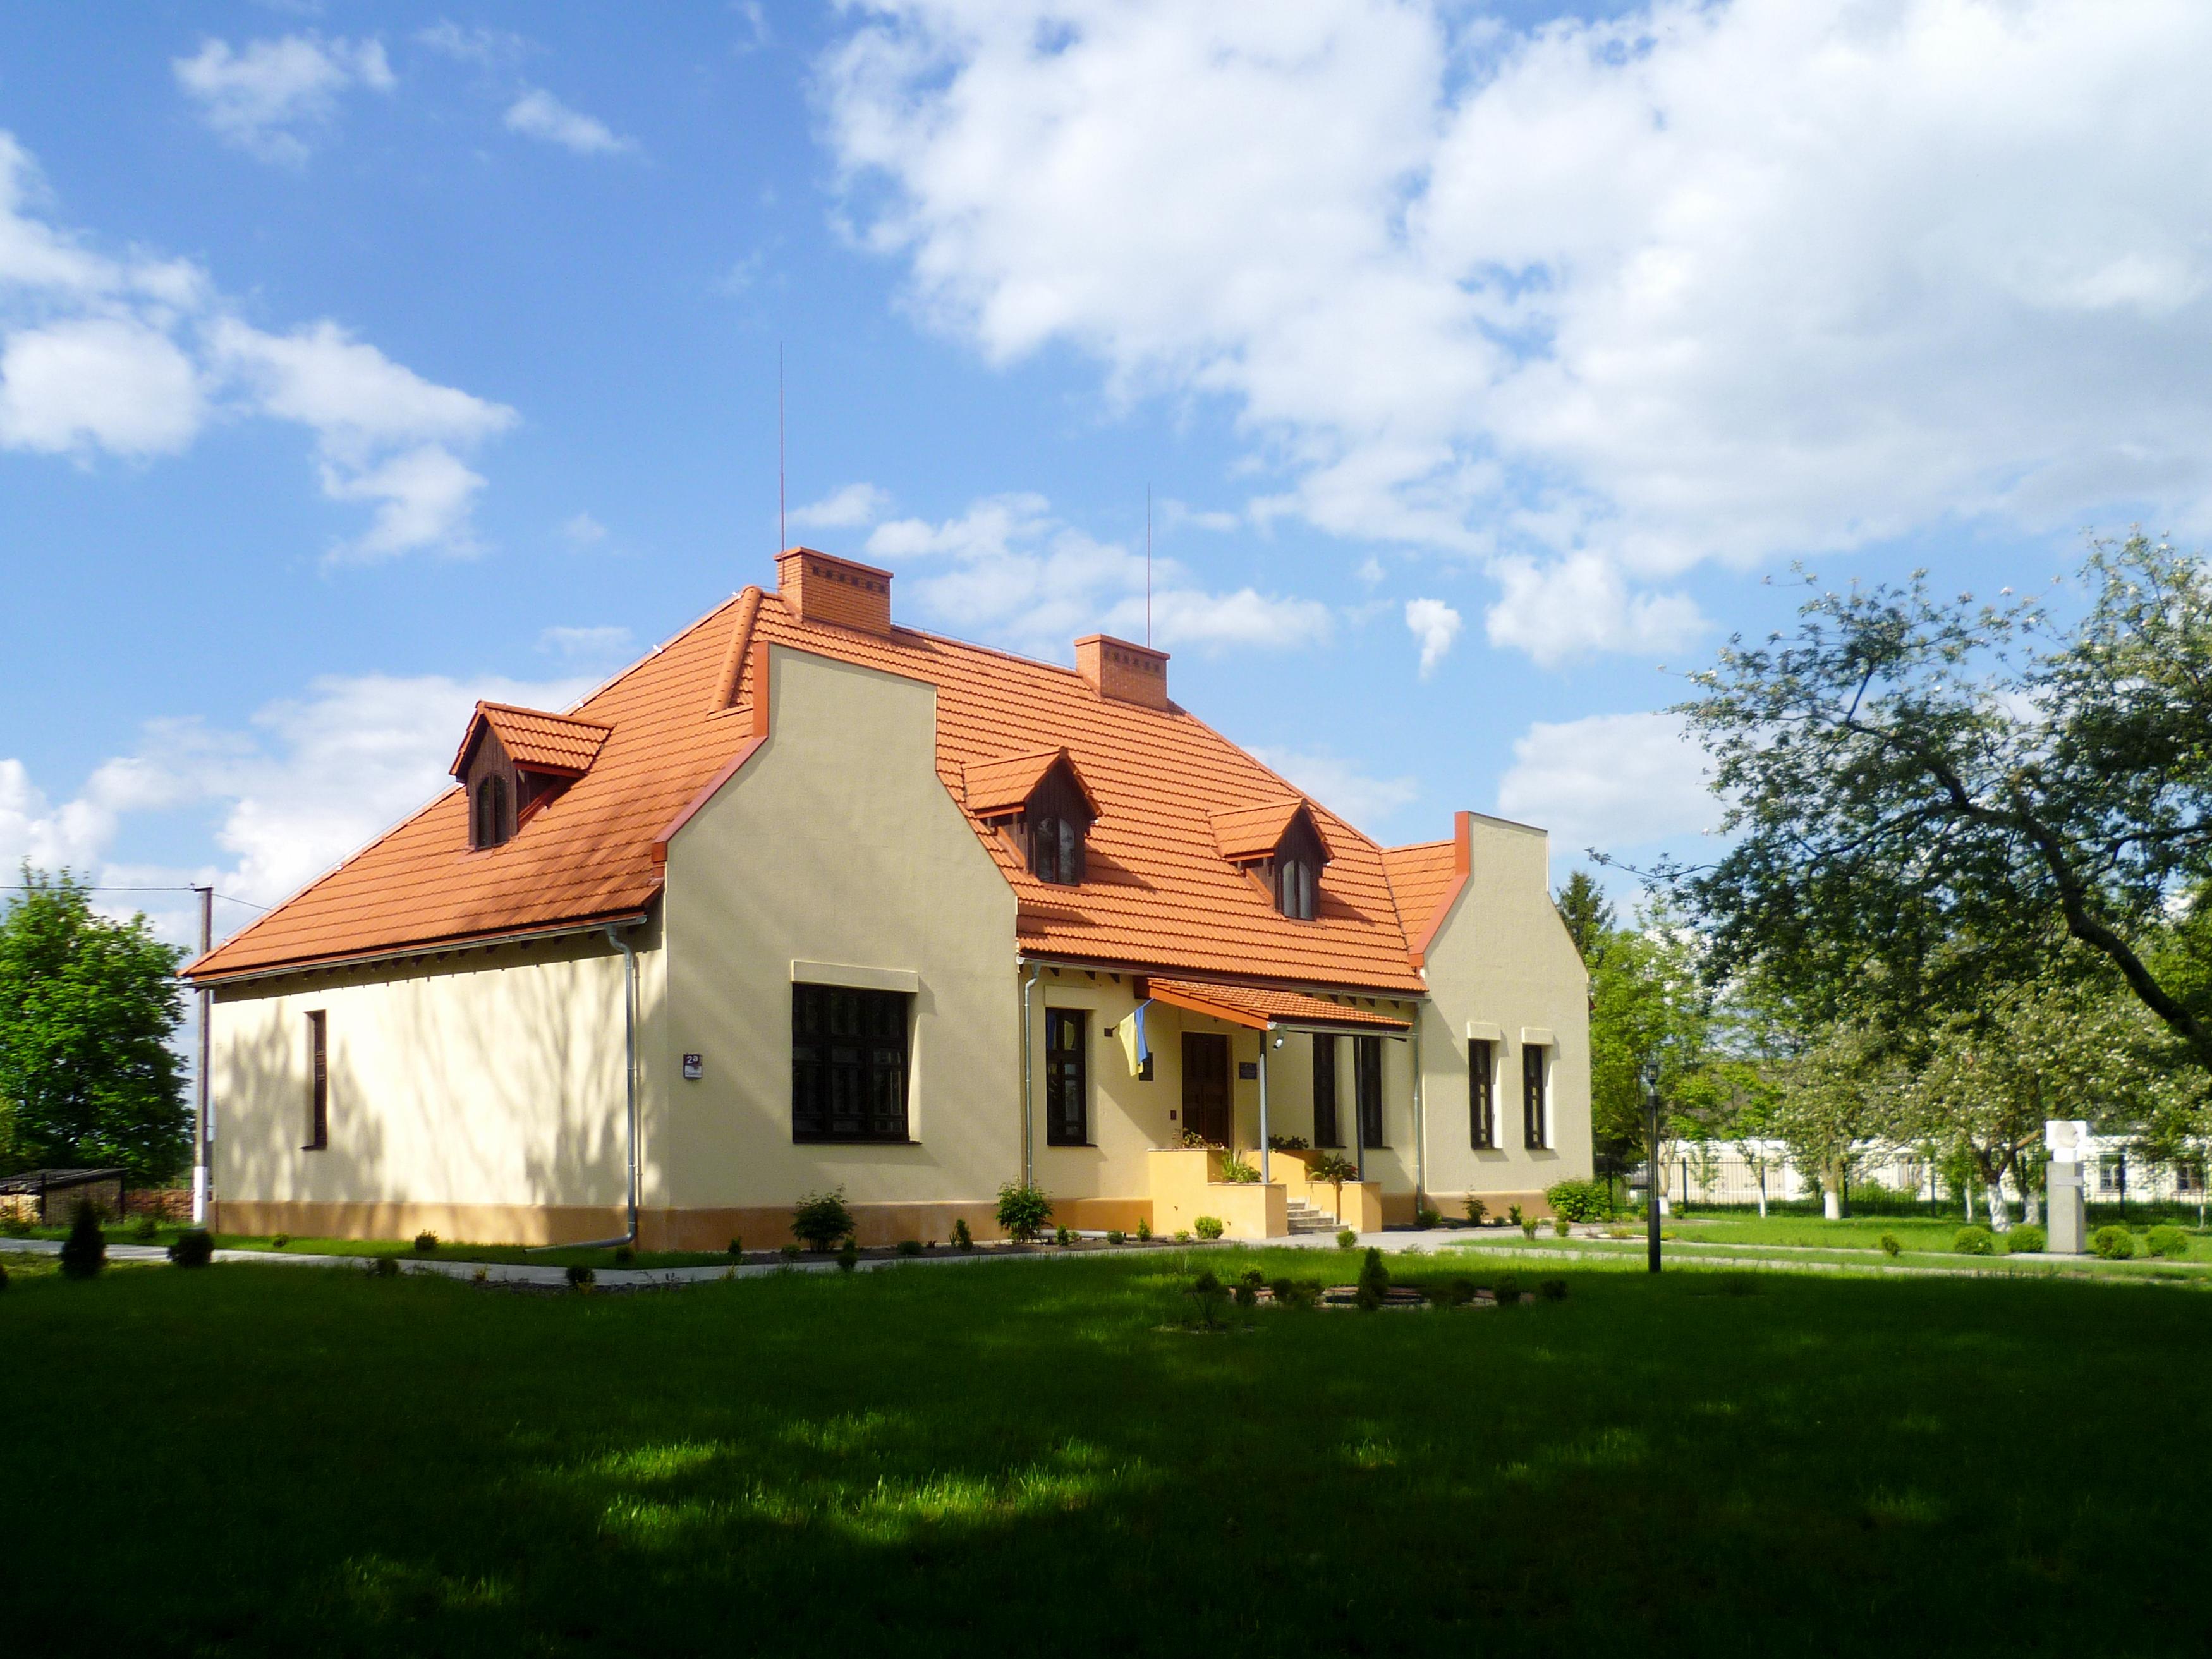 Stravinsky's house in [[Ustilug